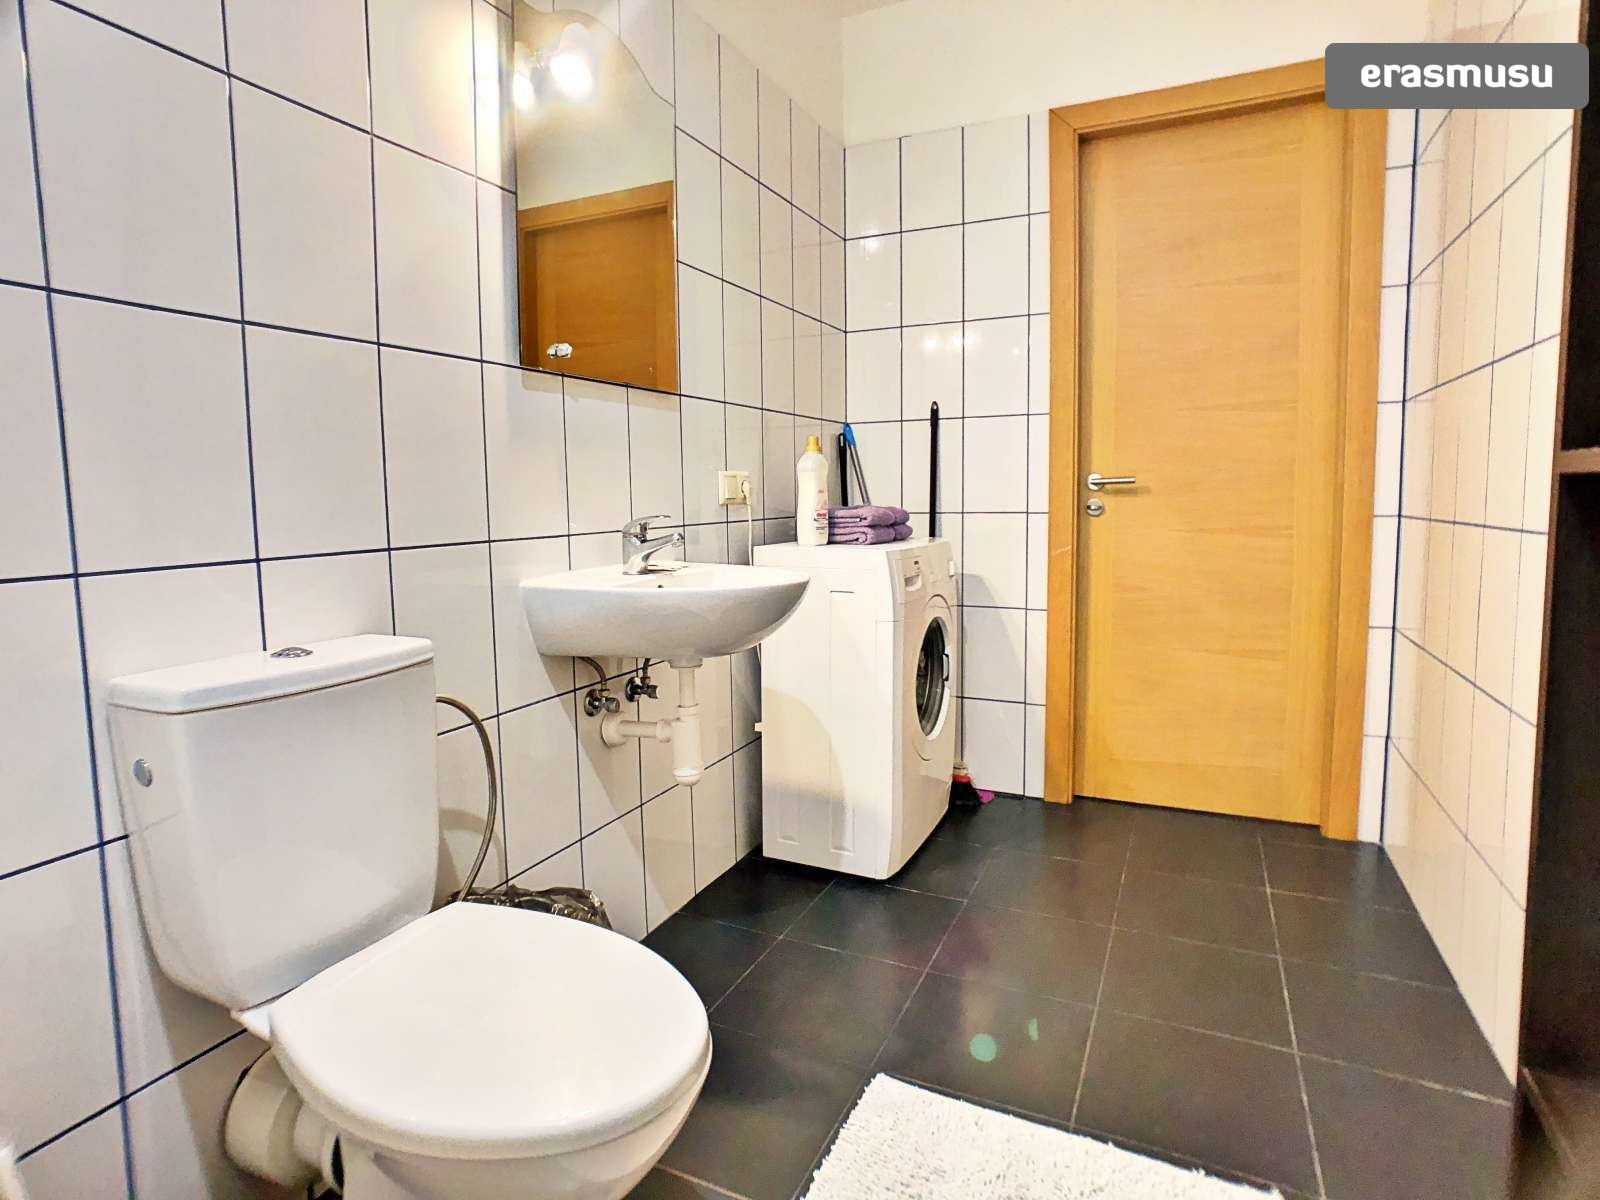 bright-1-bedroom-apartment-rent-maskavas-forstate-d34af6928fff3a